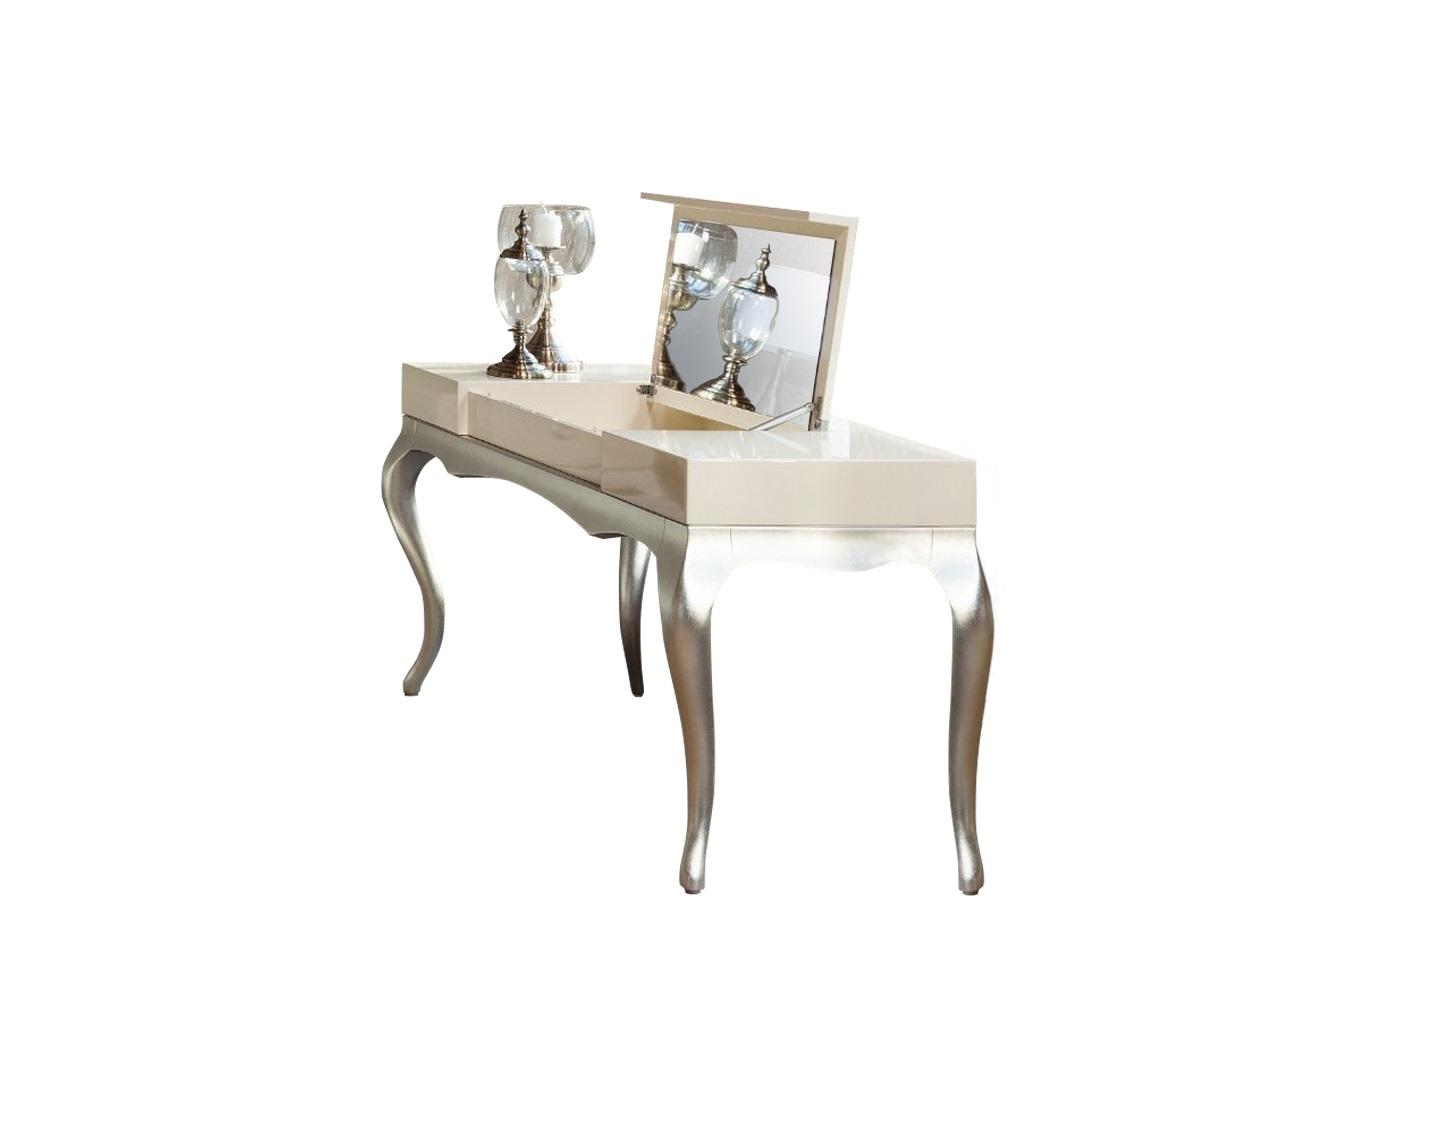 Туалетный столик VENEZIAТуалетные столики<br>Столик со встроенным в столешницу зеркалом выполнен в стиле Ар деко. В центральной части при открывании столешницы находится свободное пространство для хранения. Отделка перламутровый кремовый лак. Высокие гнутые ножки в отделке сусальное серебро. Сделан из массива дерева и высококачественного МДФ высокой плотности.<br><br>Material: Дерево